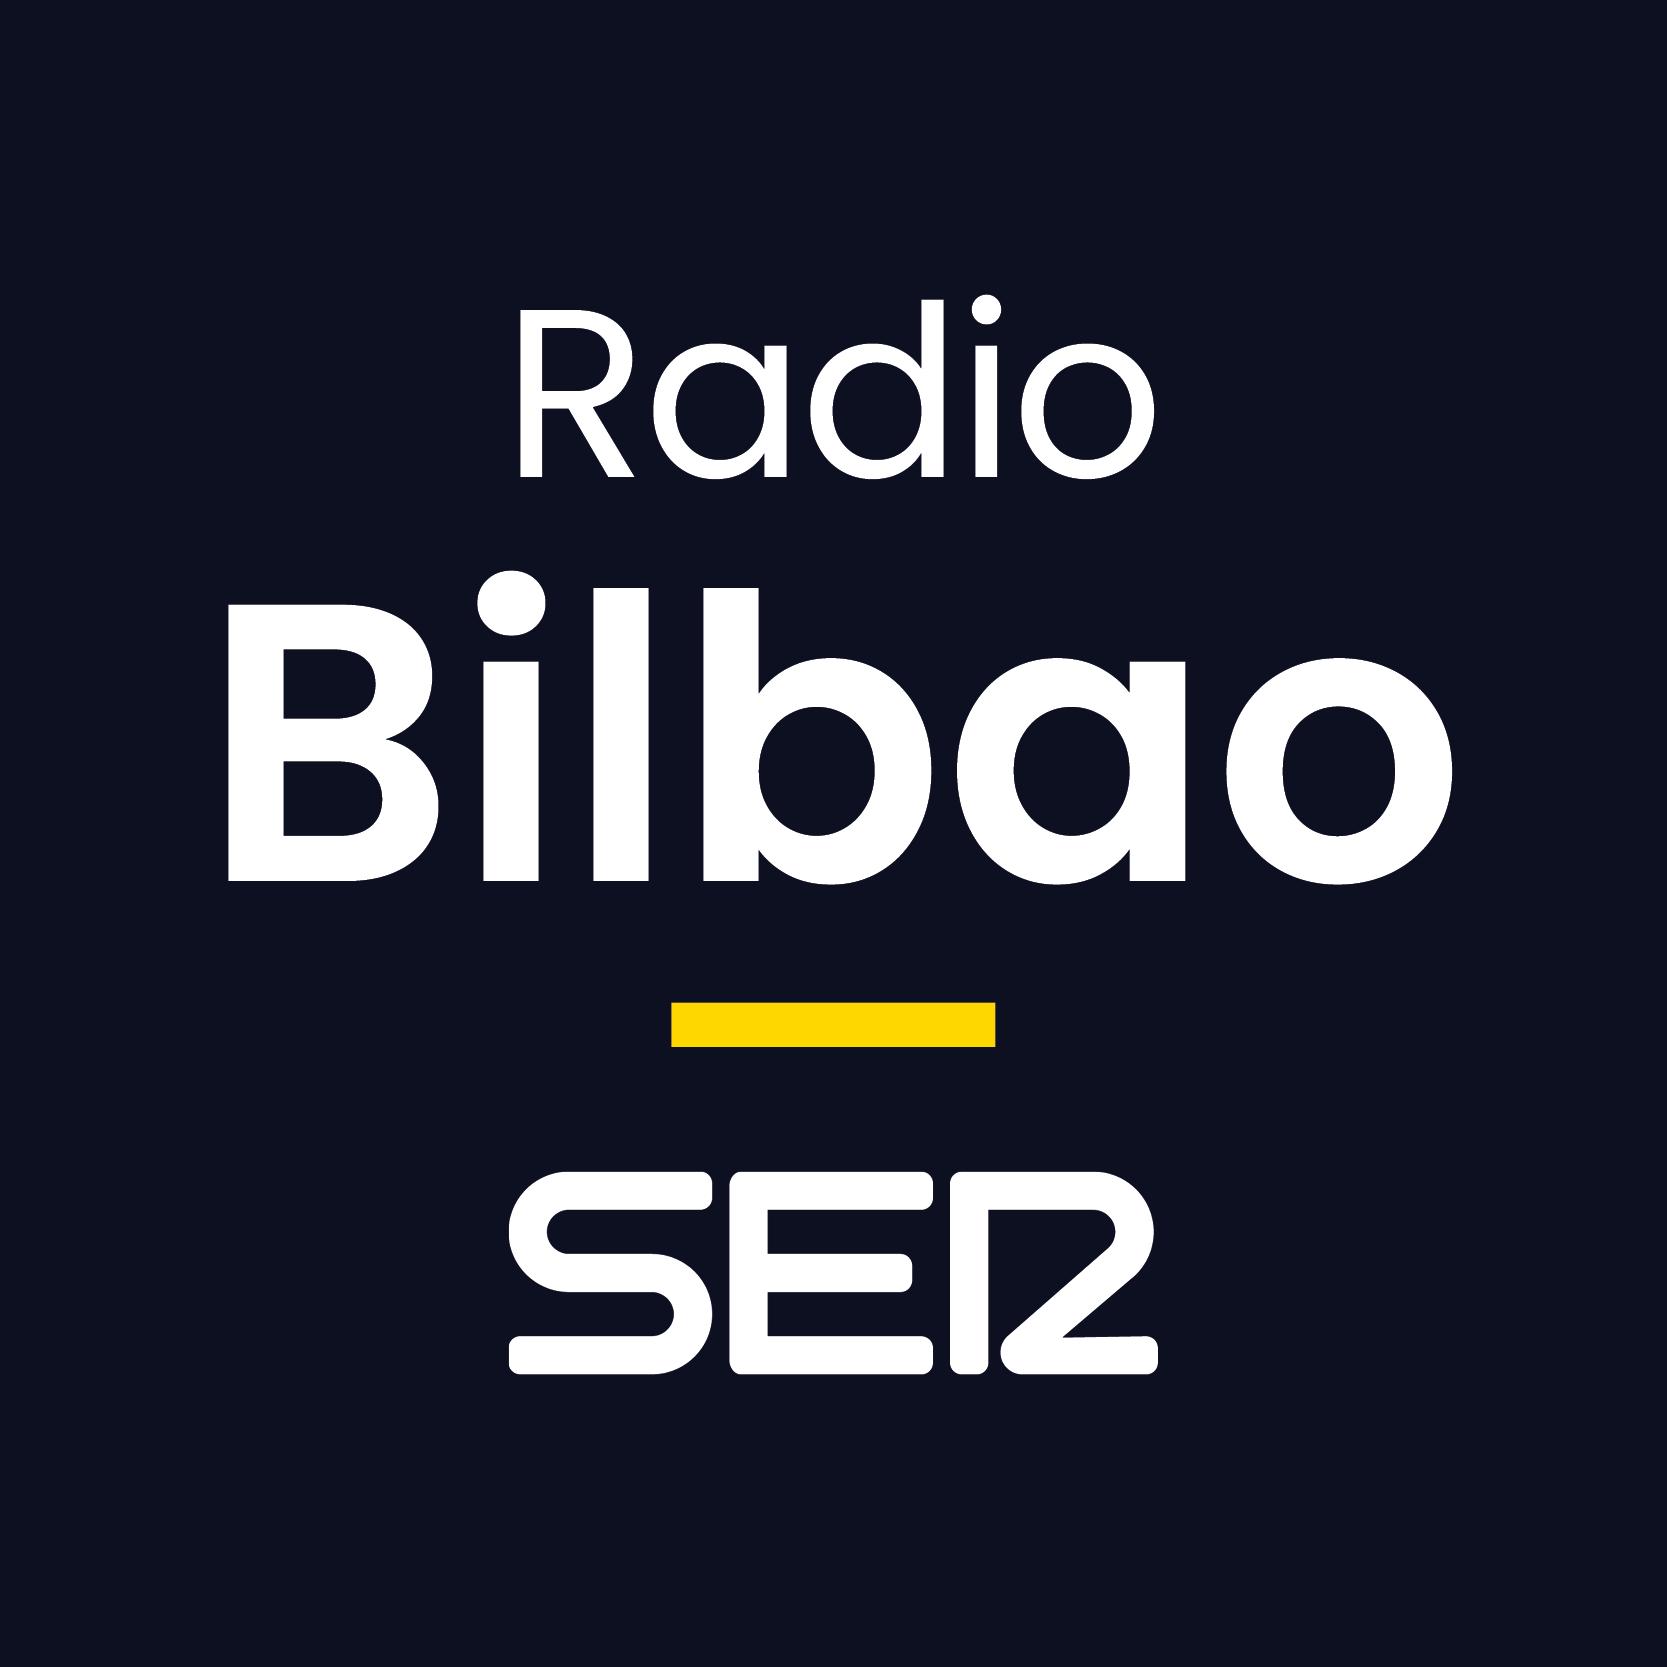 Cadena SER (Bilbao)